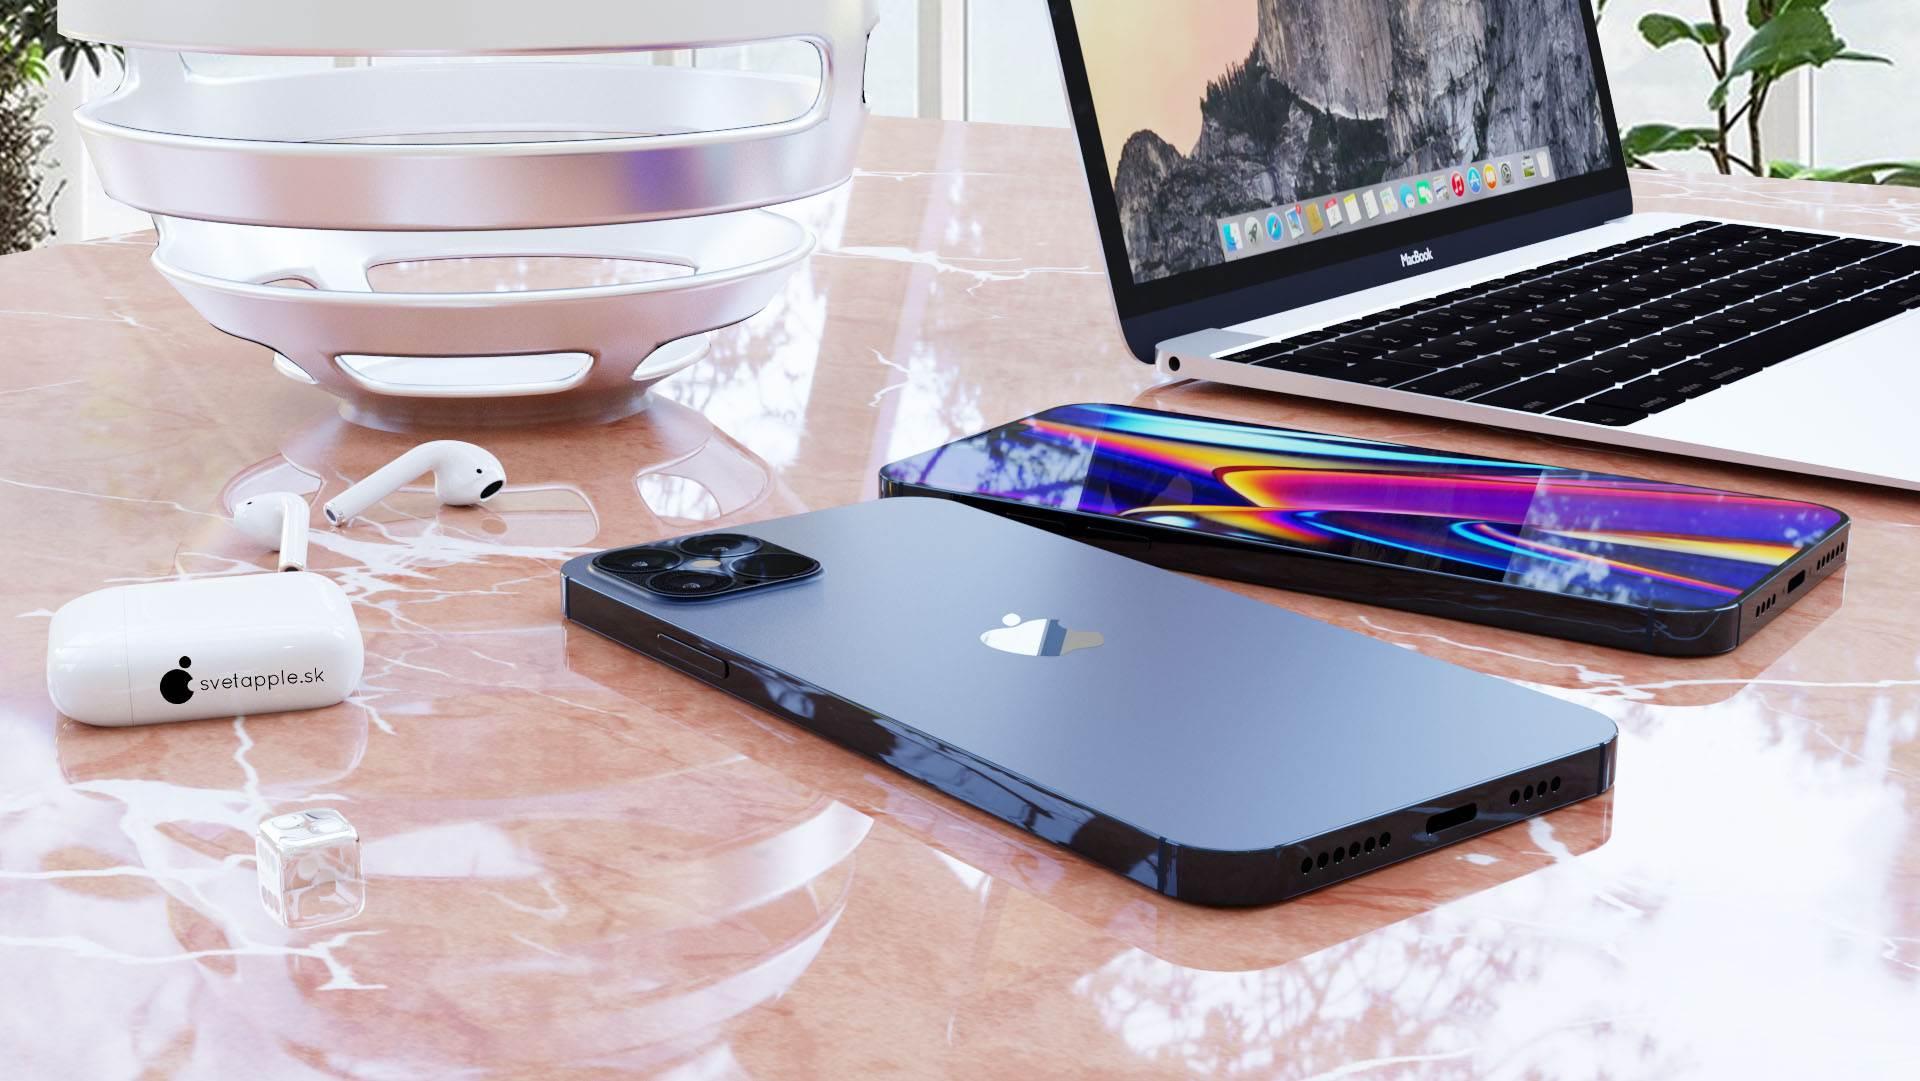 Granatowy kolor i design w stylu iPada Pro - zobacz nowe rendery iPhone 12 Pro polecane, ciekawostki wygląd iPhone 12 Pro, rendery, iPhone 12 Pro  Svetapple opublikował nowe rendery iPhone 12 Pro, które powstały na podstawie najnowszych przecieków. Urządzenie wygląda genialnie. Musicie koniecznie to zobaczyć. iPhone12Pro 3